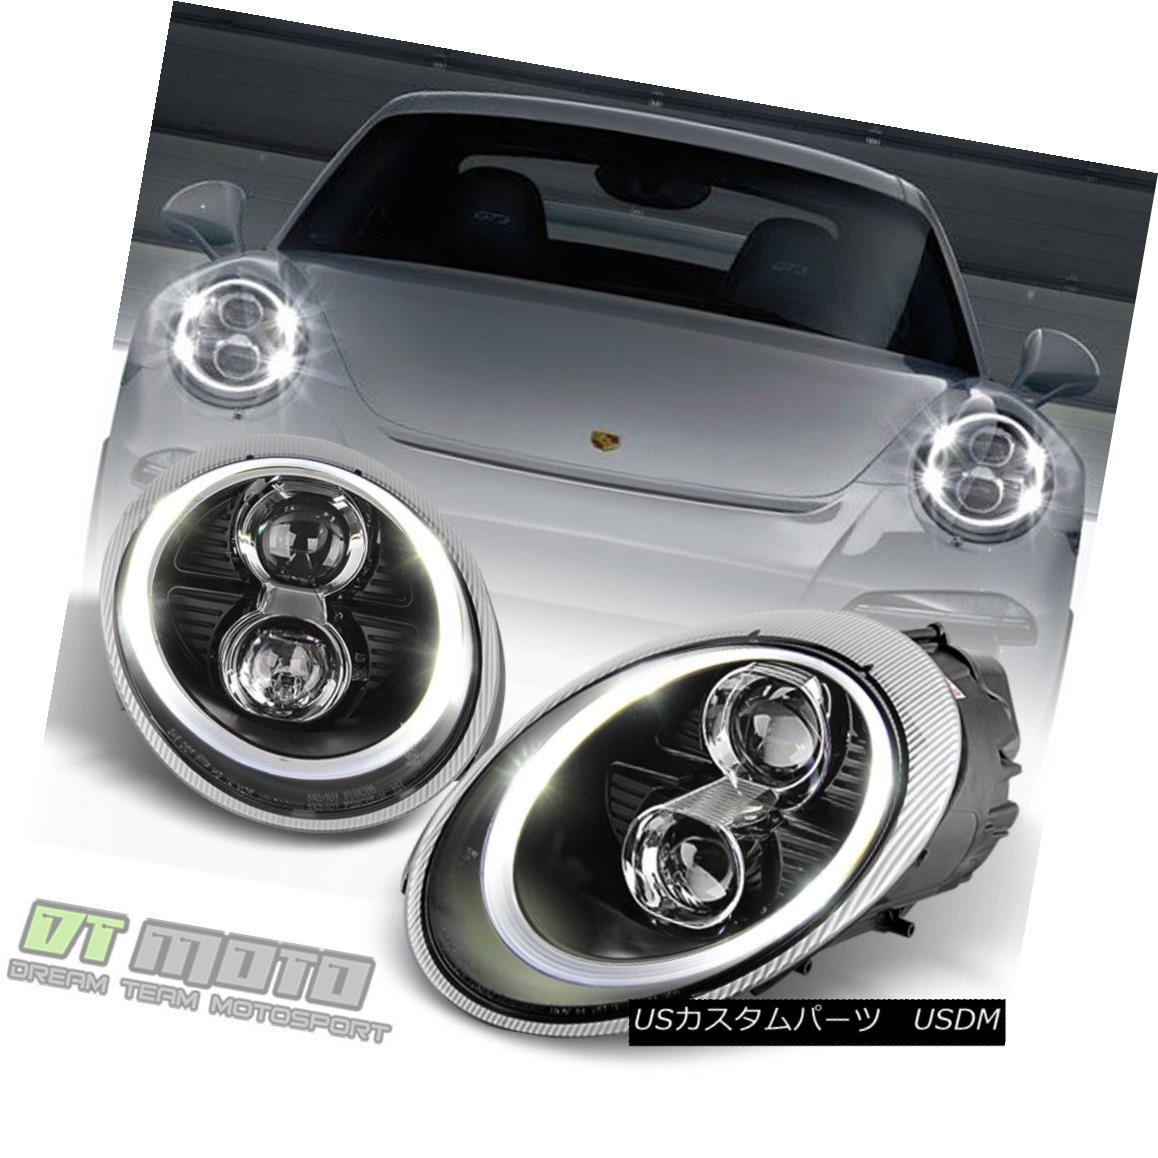 ヘッドライト Black 05-09 Porsche 911 997.1 Carrera LED DRL Projector Headlights Fit Halogen ブラック05-09ポルシェ911 997.1カレラLED DRLプロジェクターヘッドライトフィットハロゲン